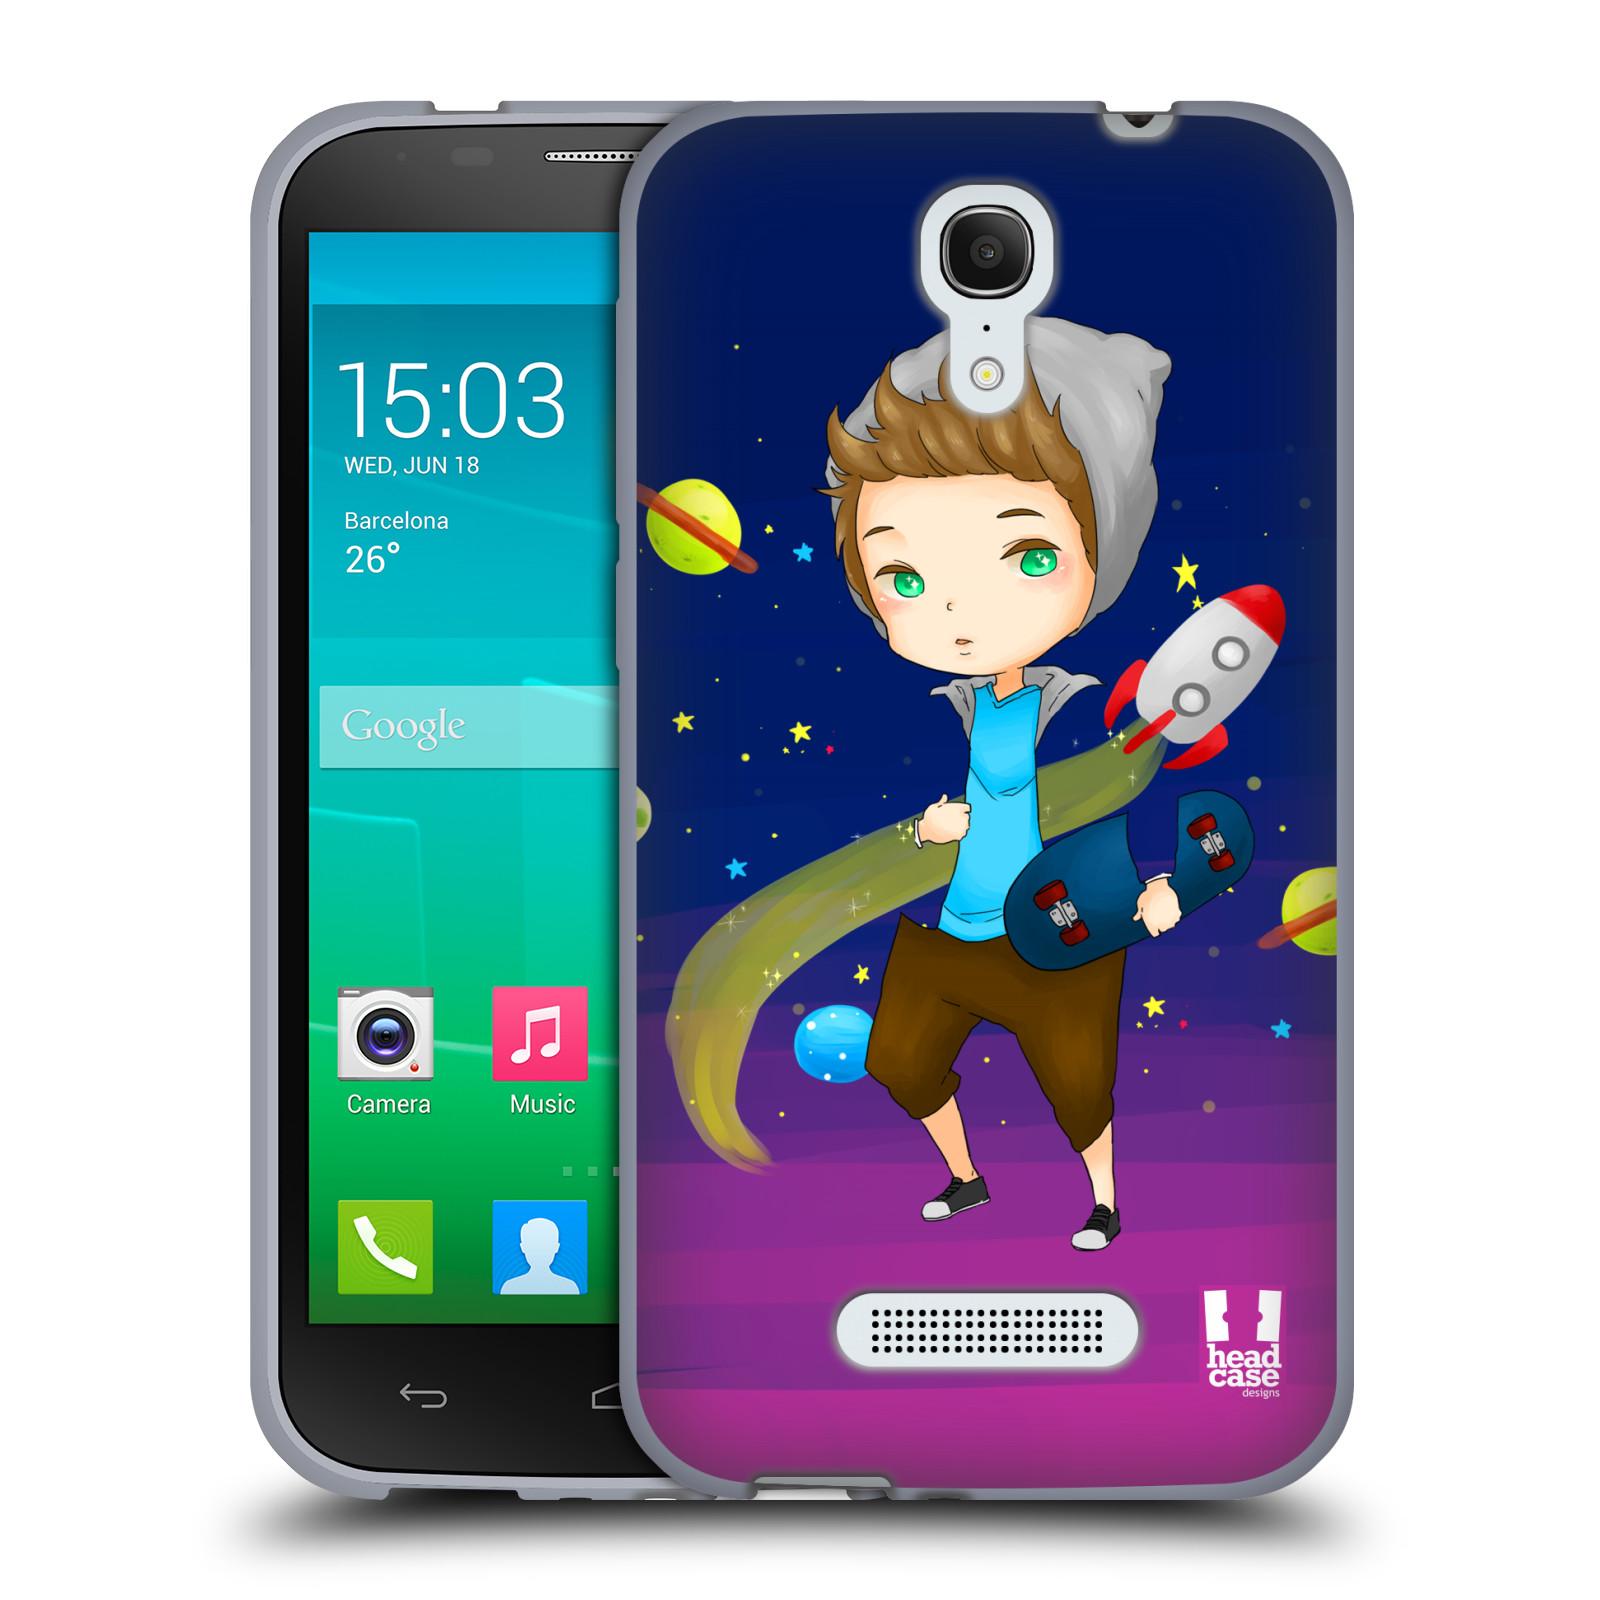 HEAD CASE silikonový obal na mobil Alcatel POP S7 vzor Kreslené postavičky vesmír zmizení GALAXIE